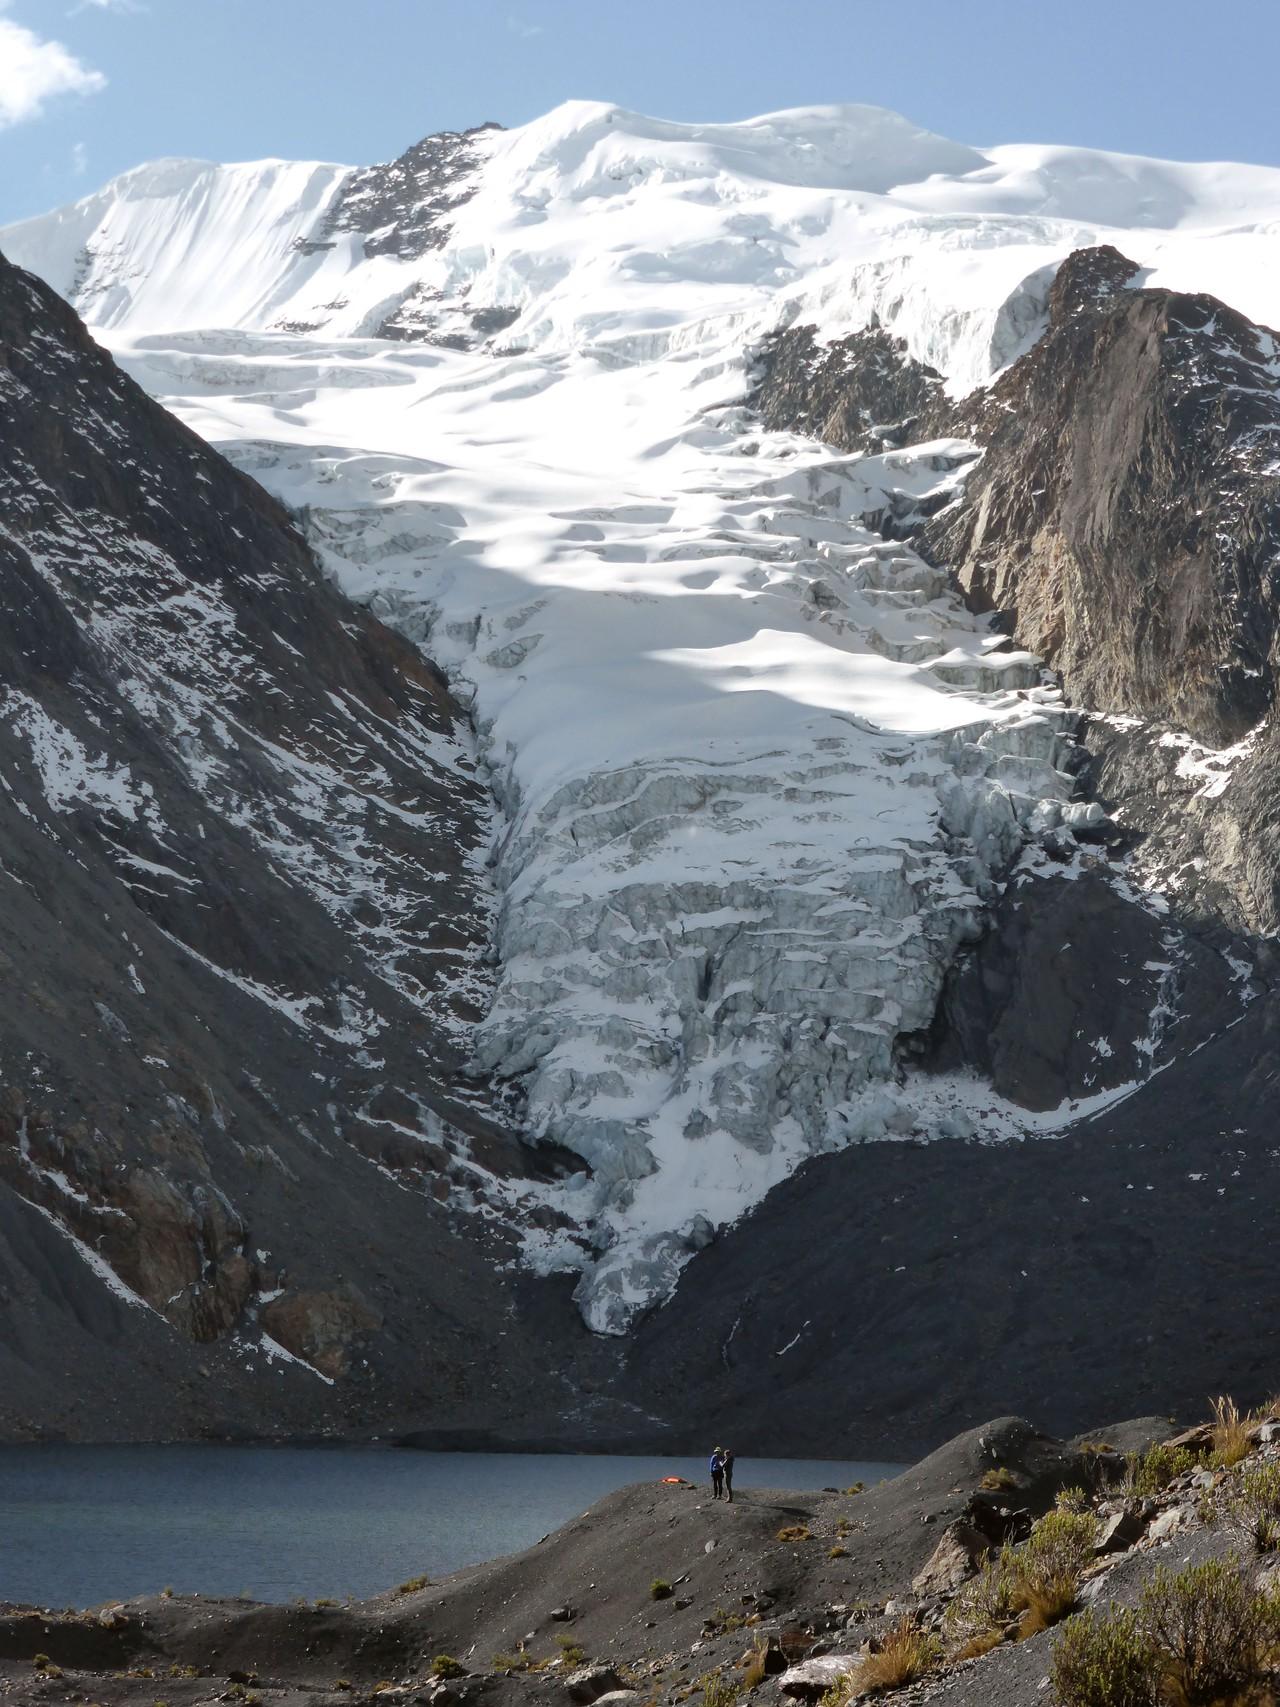 Glacier and glacier lake in the Bolivian Andes (3) (Credit: Simon Cook)